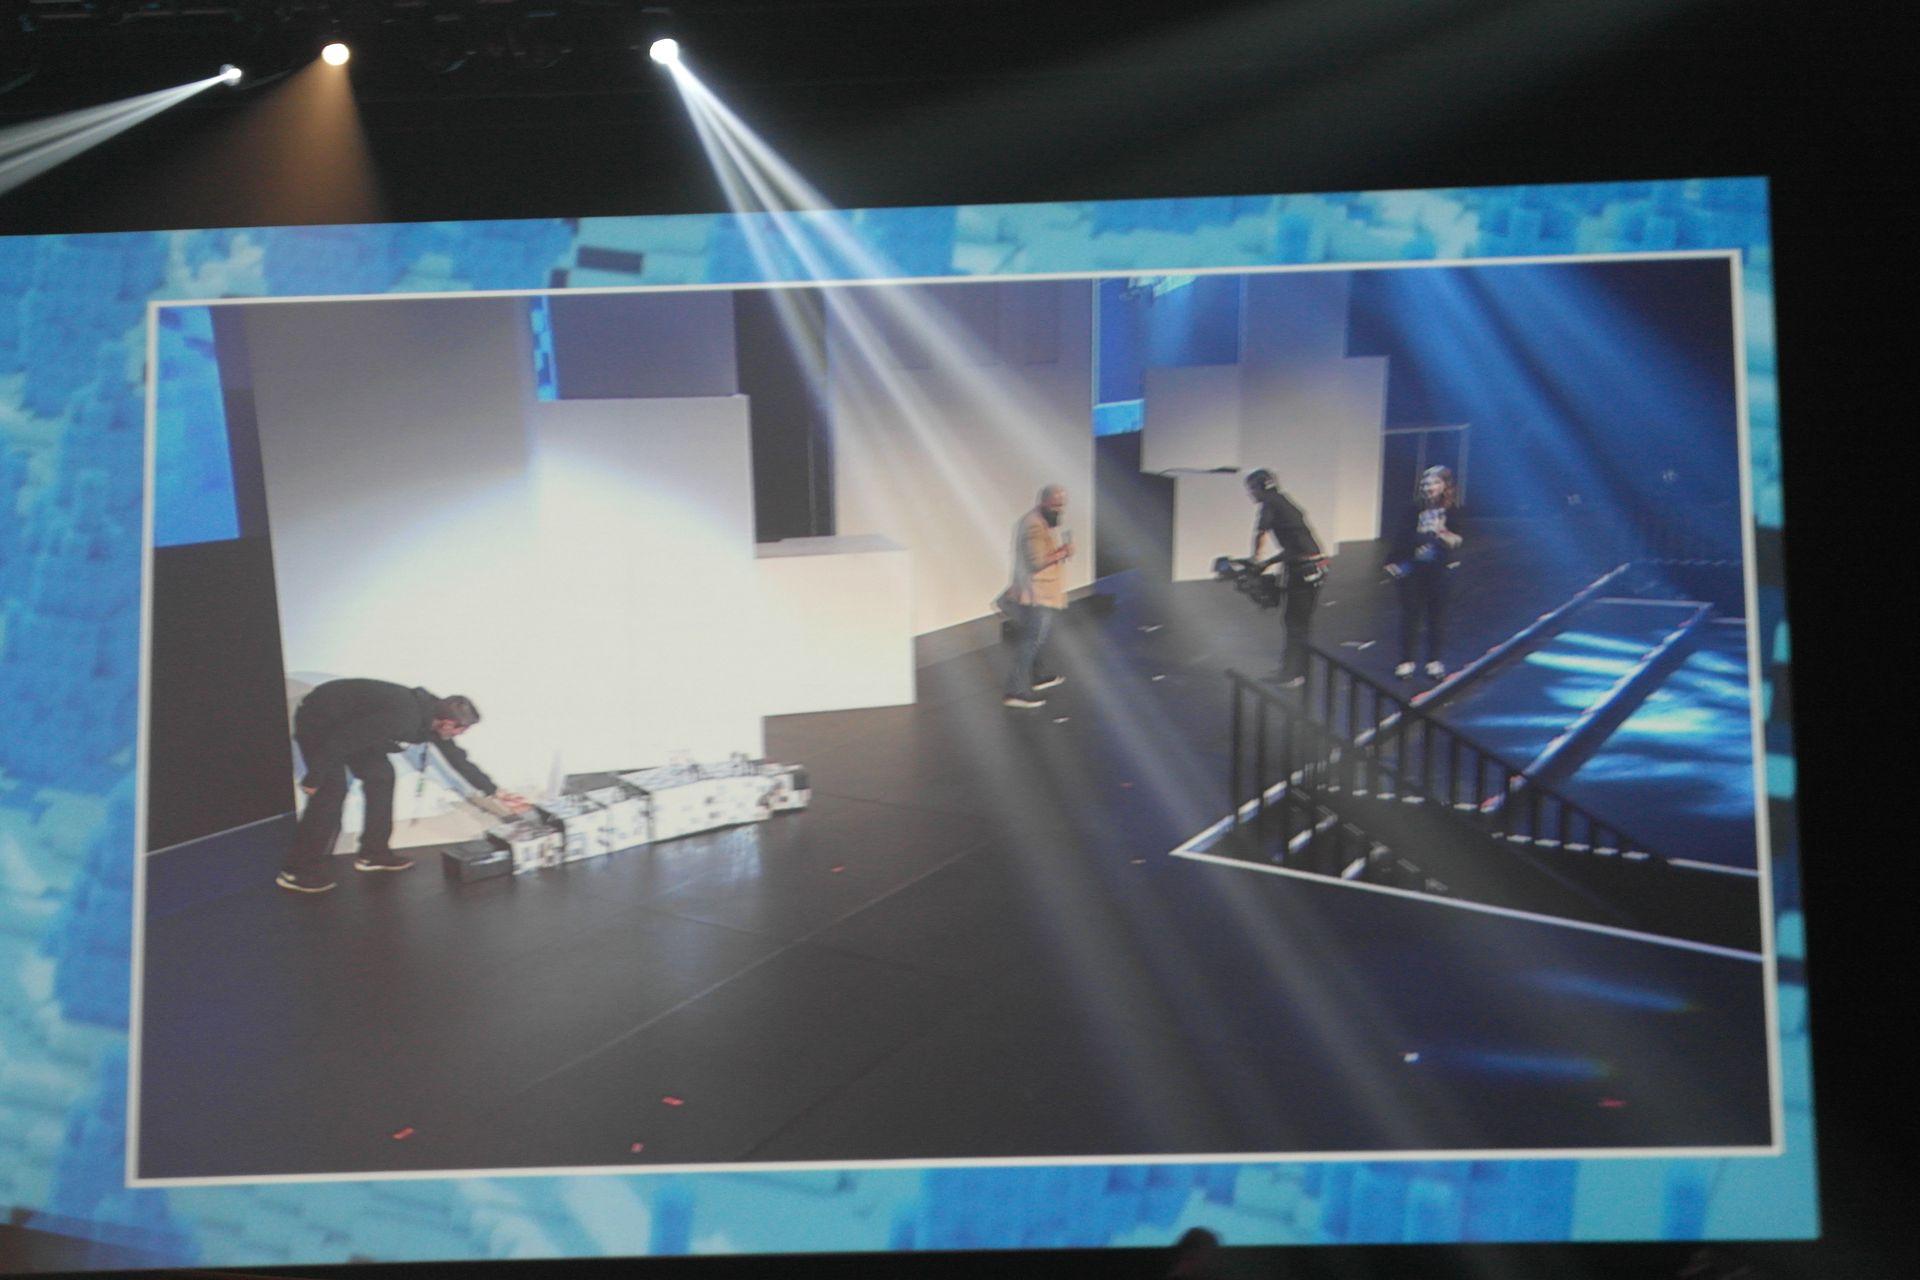 Ja voittaja oli Silverfish! Kaveri siis oikeasti ryömi lavalla asussaan erittäin uskottavan näköisenä toukkana.